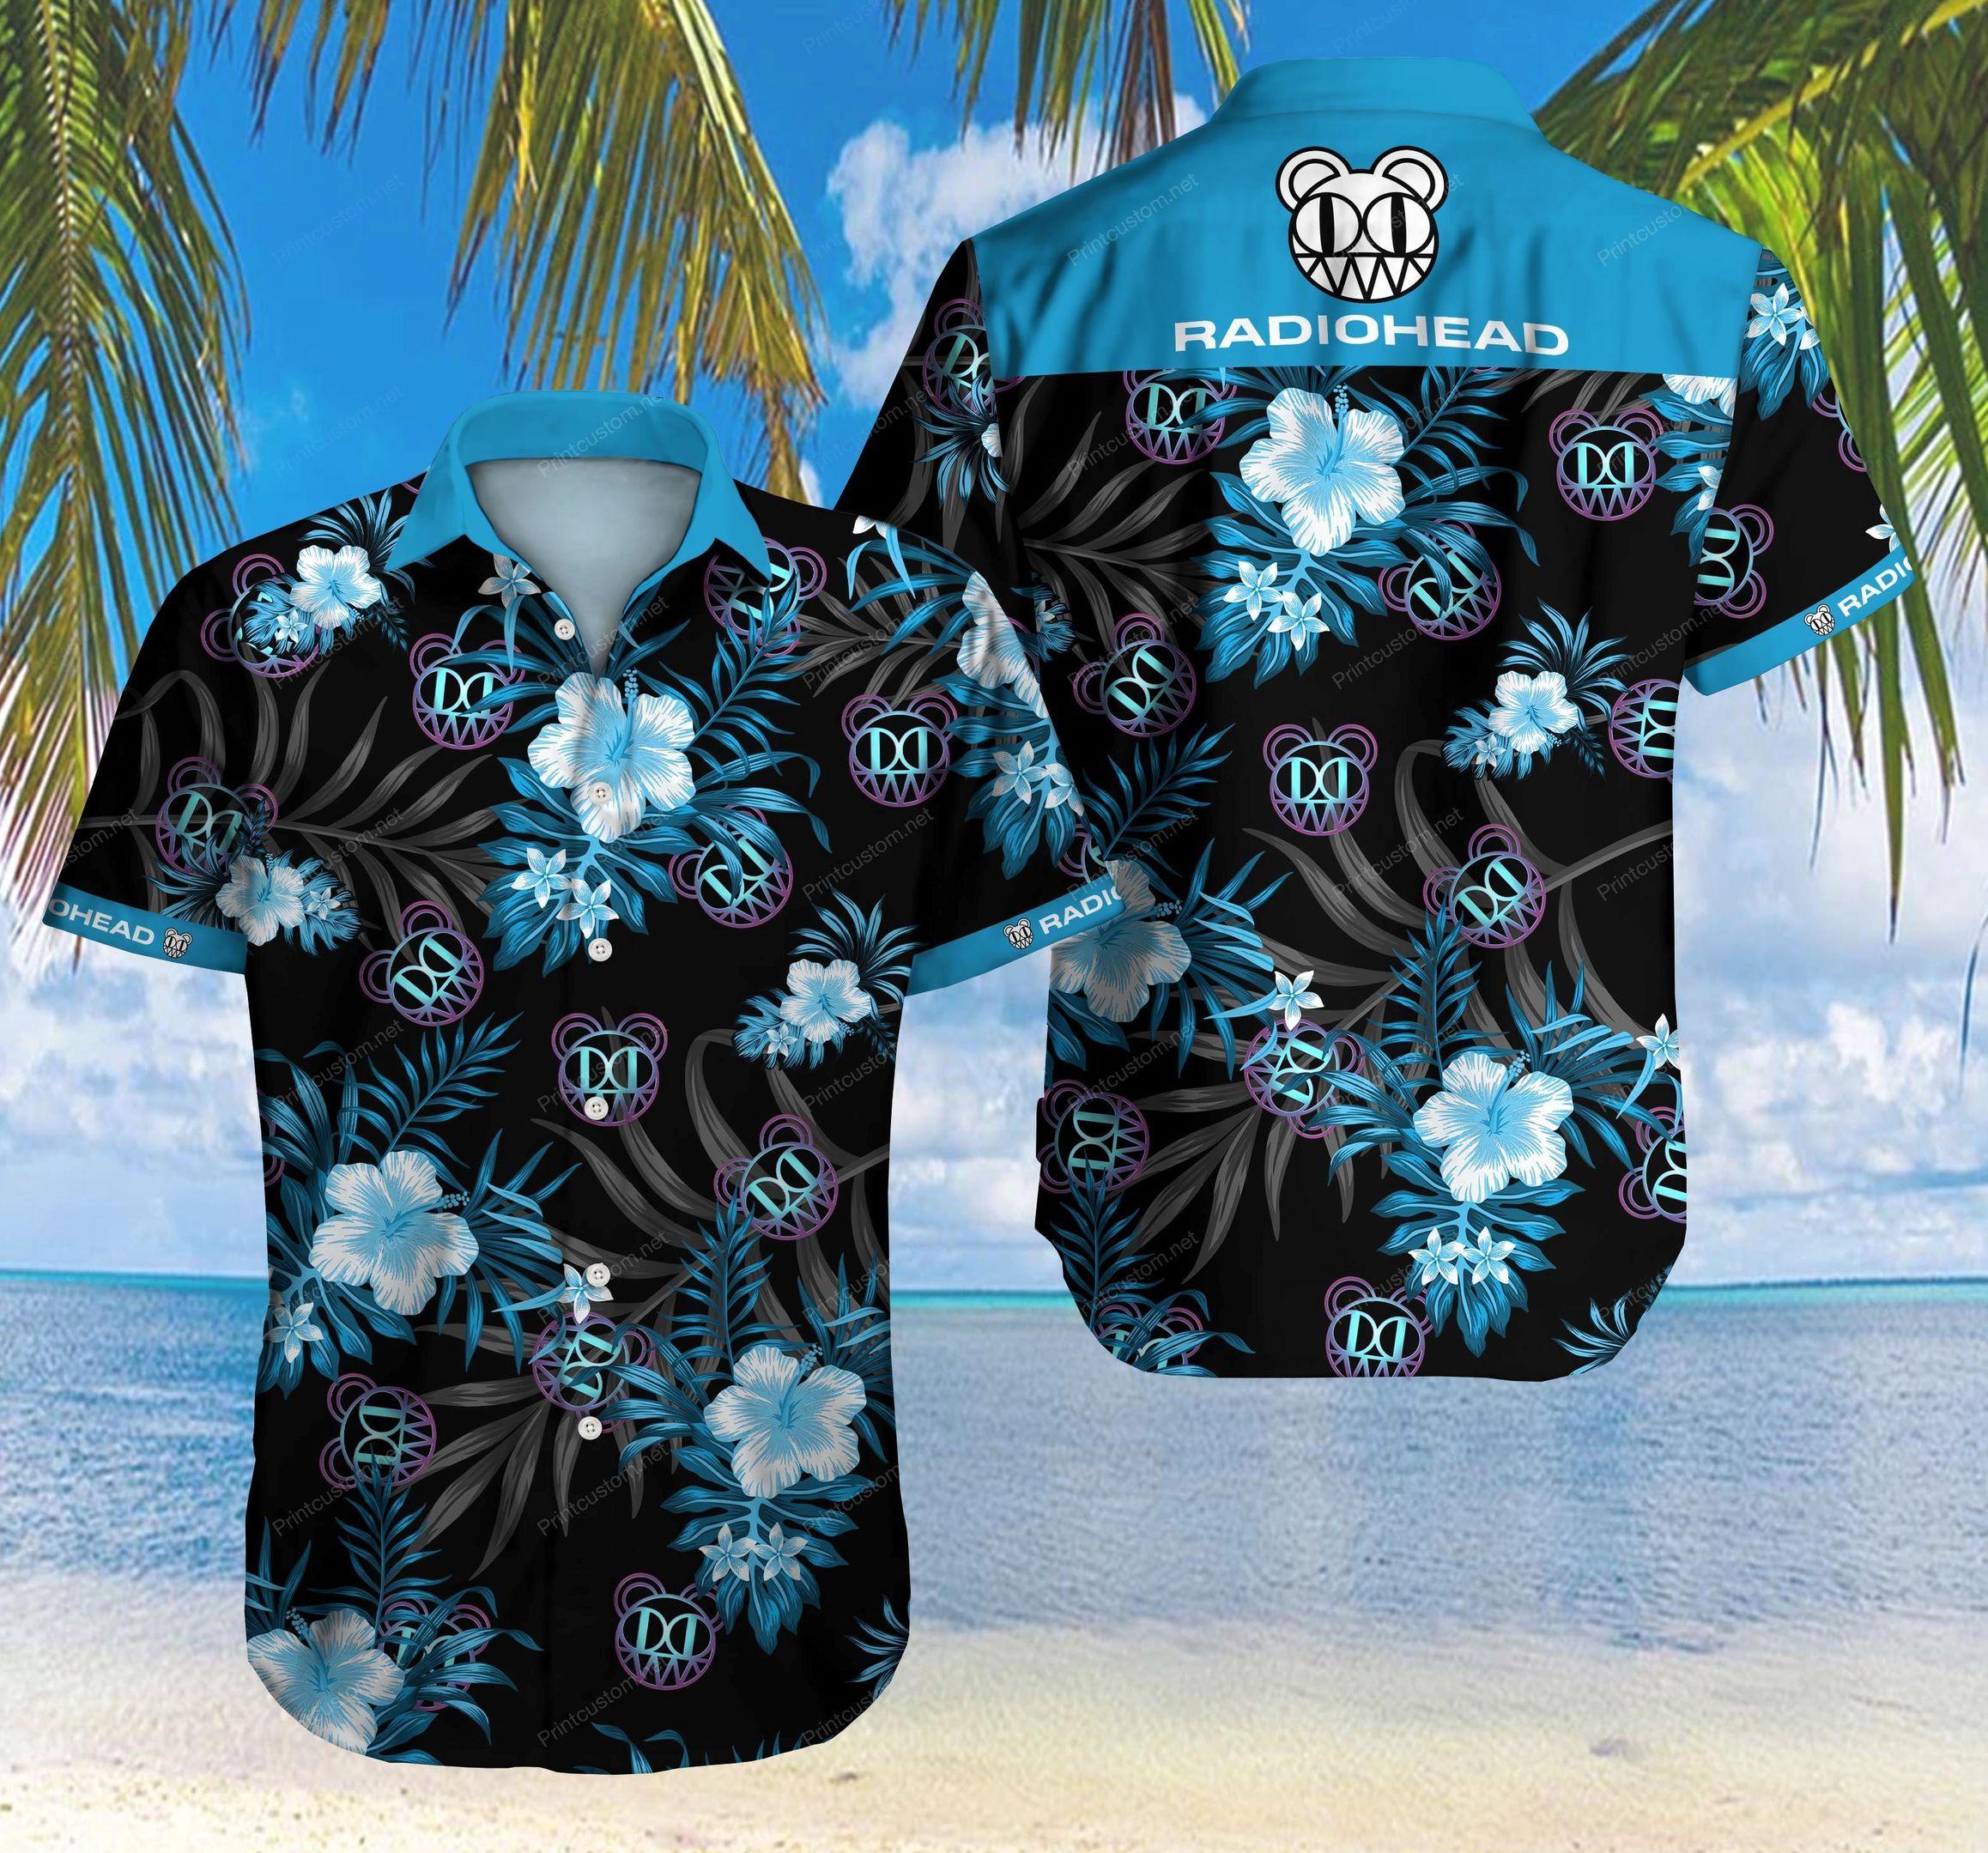 Radiohead Logo Hawaiian Shirt Summer Shirt